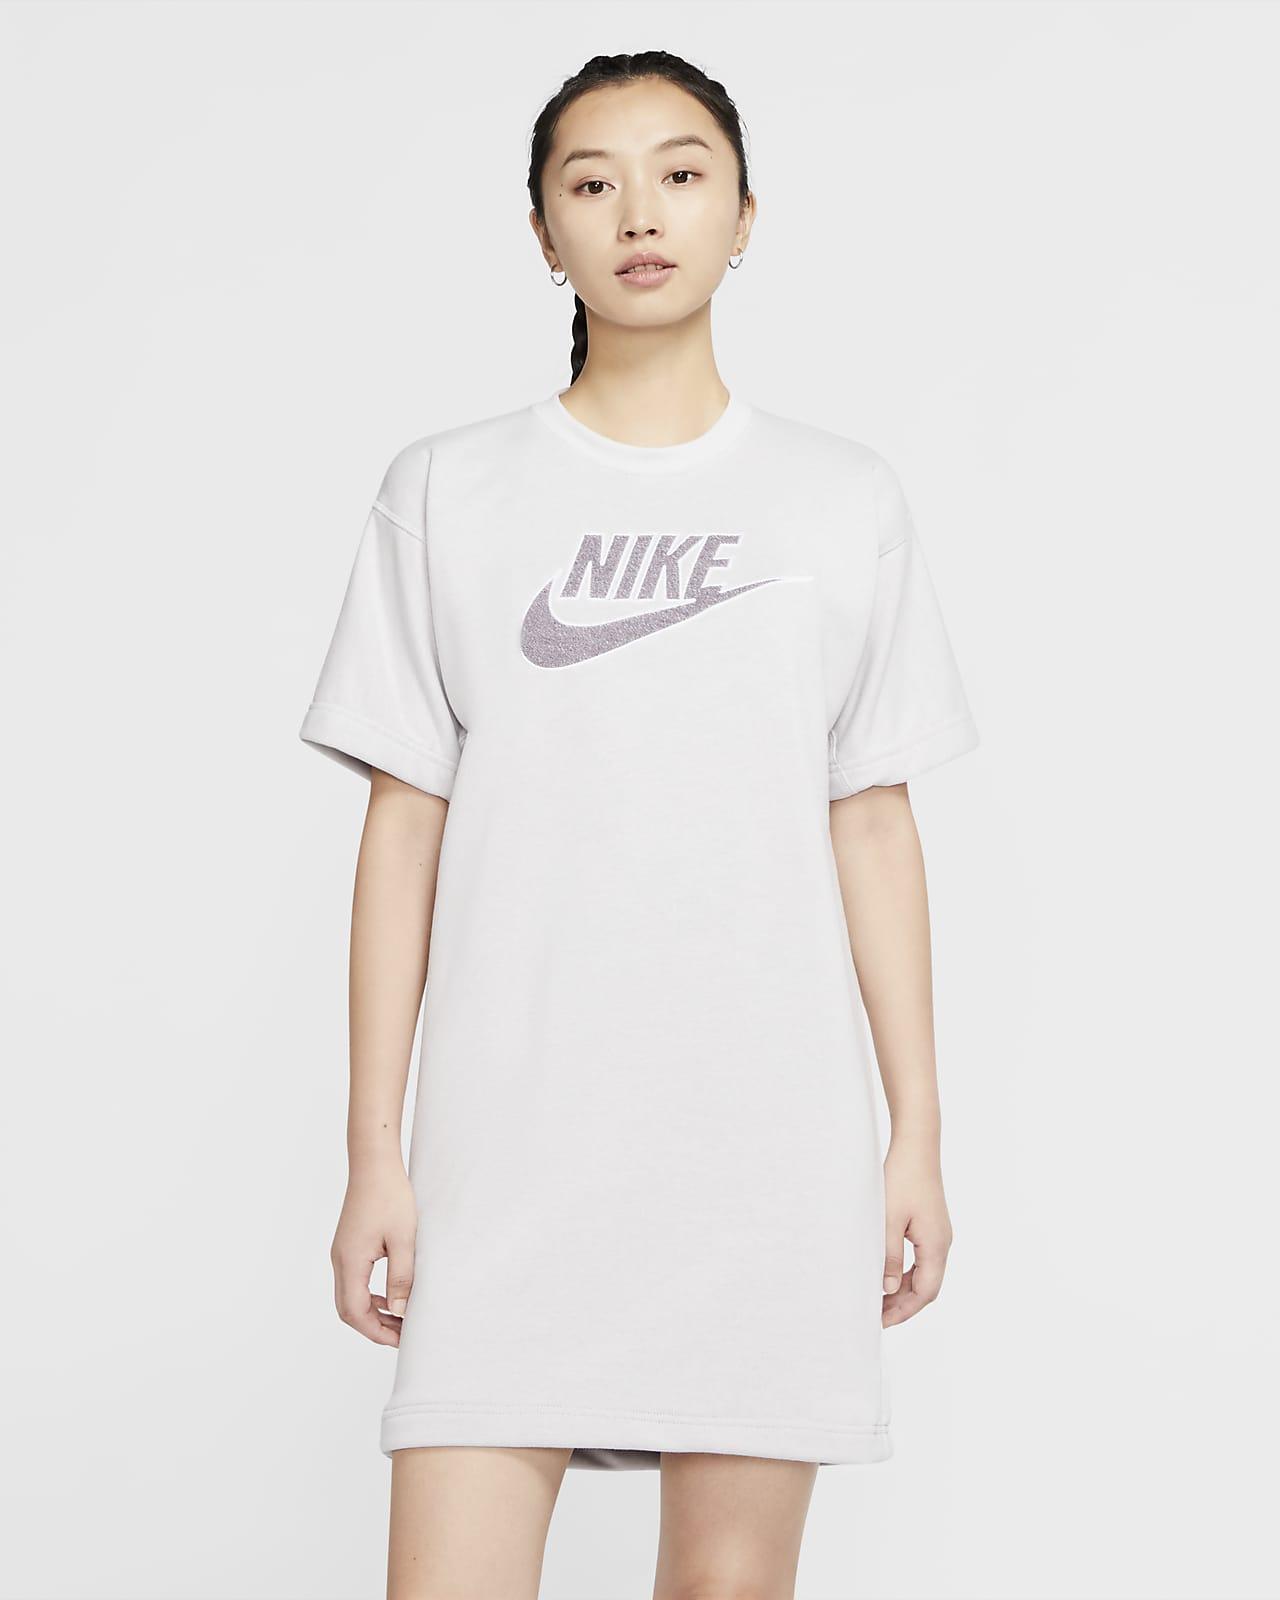 ナイキ スポーツウェア ウィメンズドレス